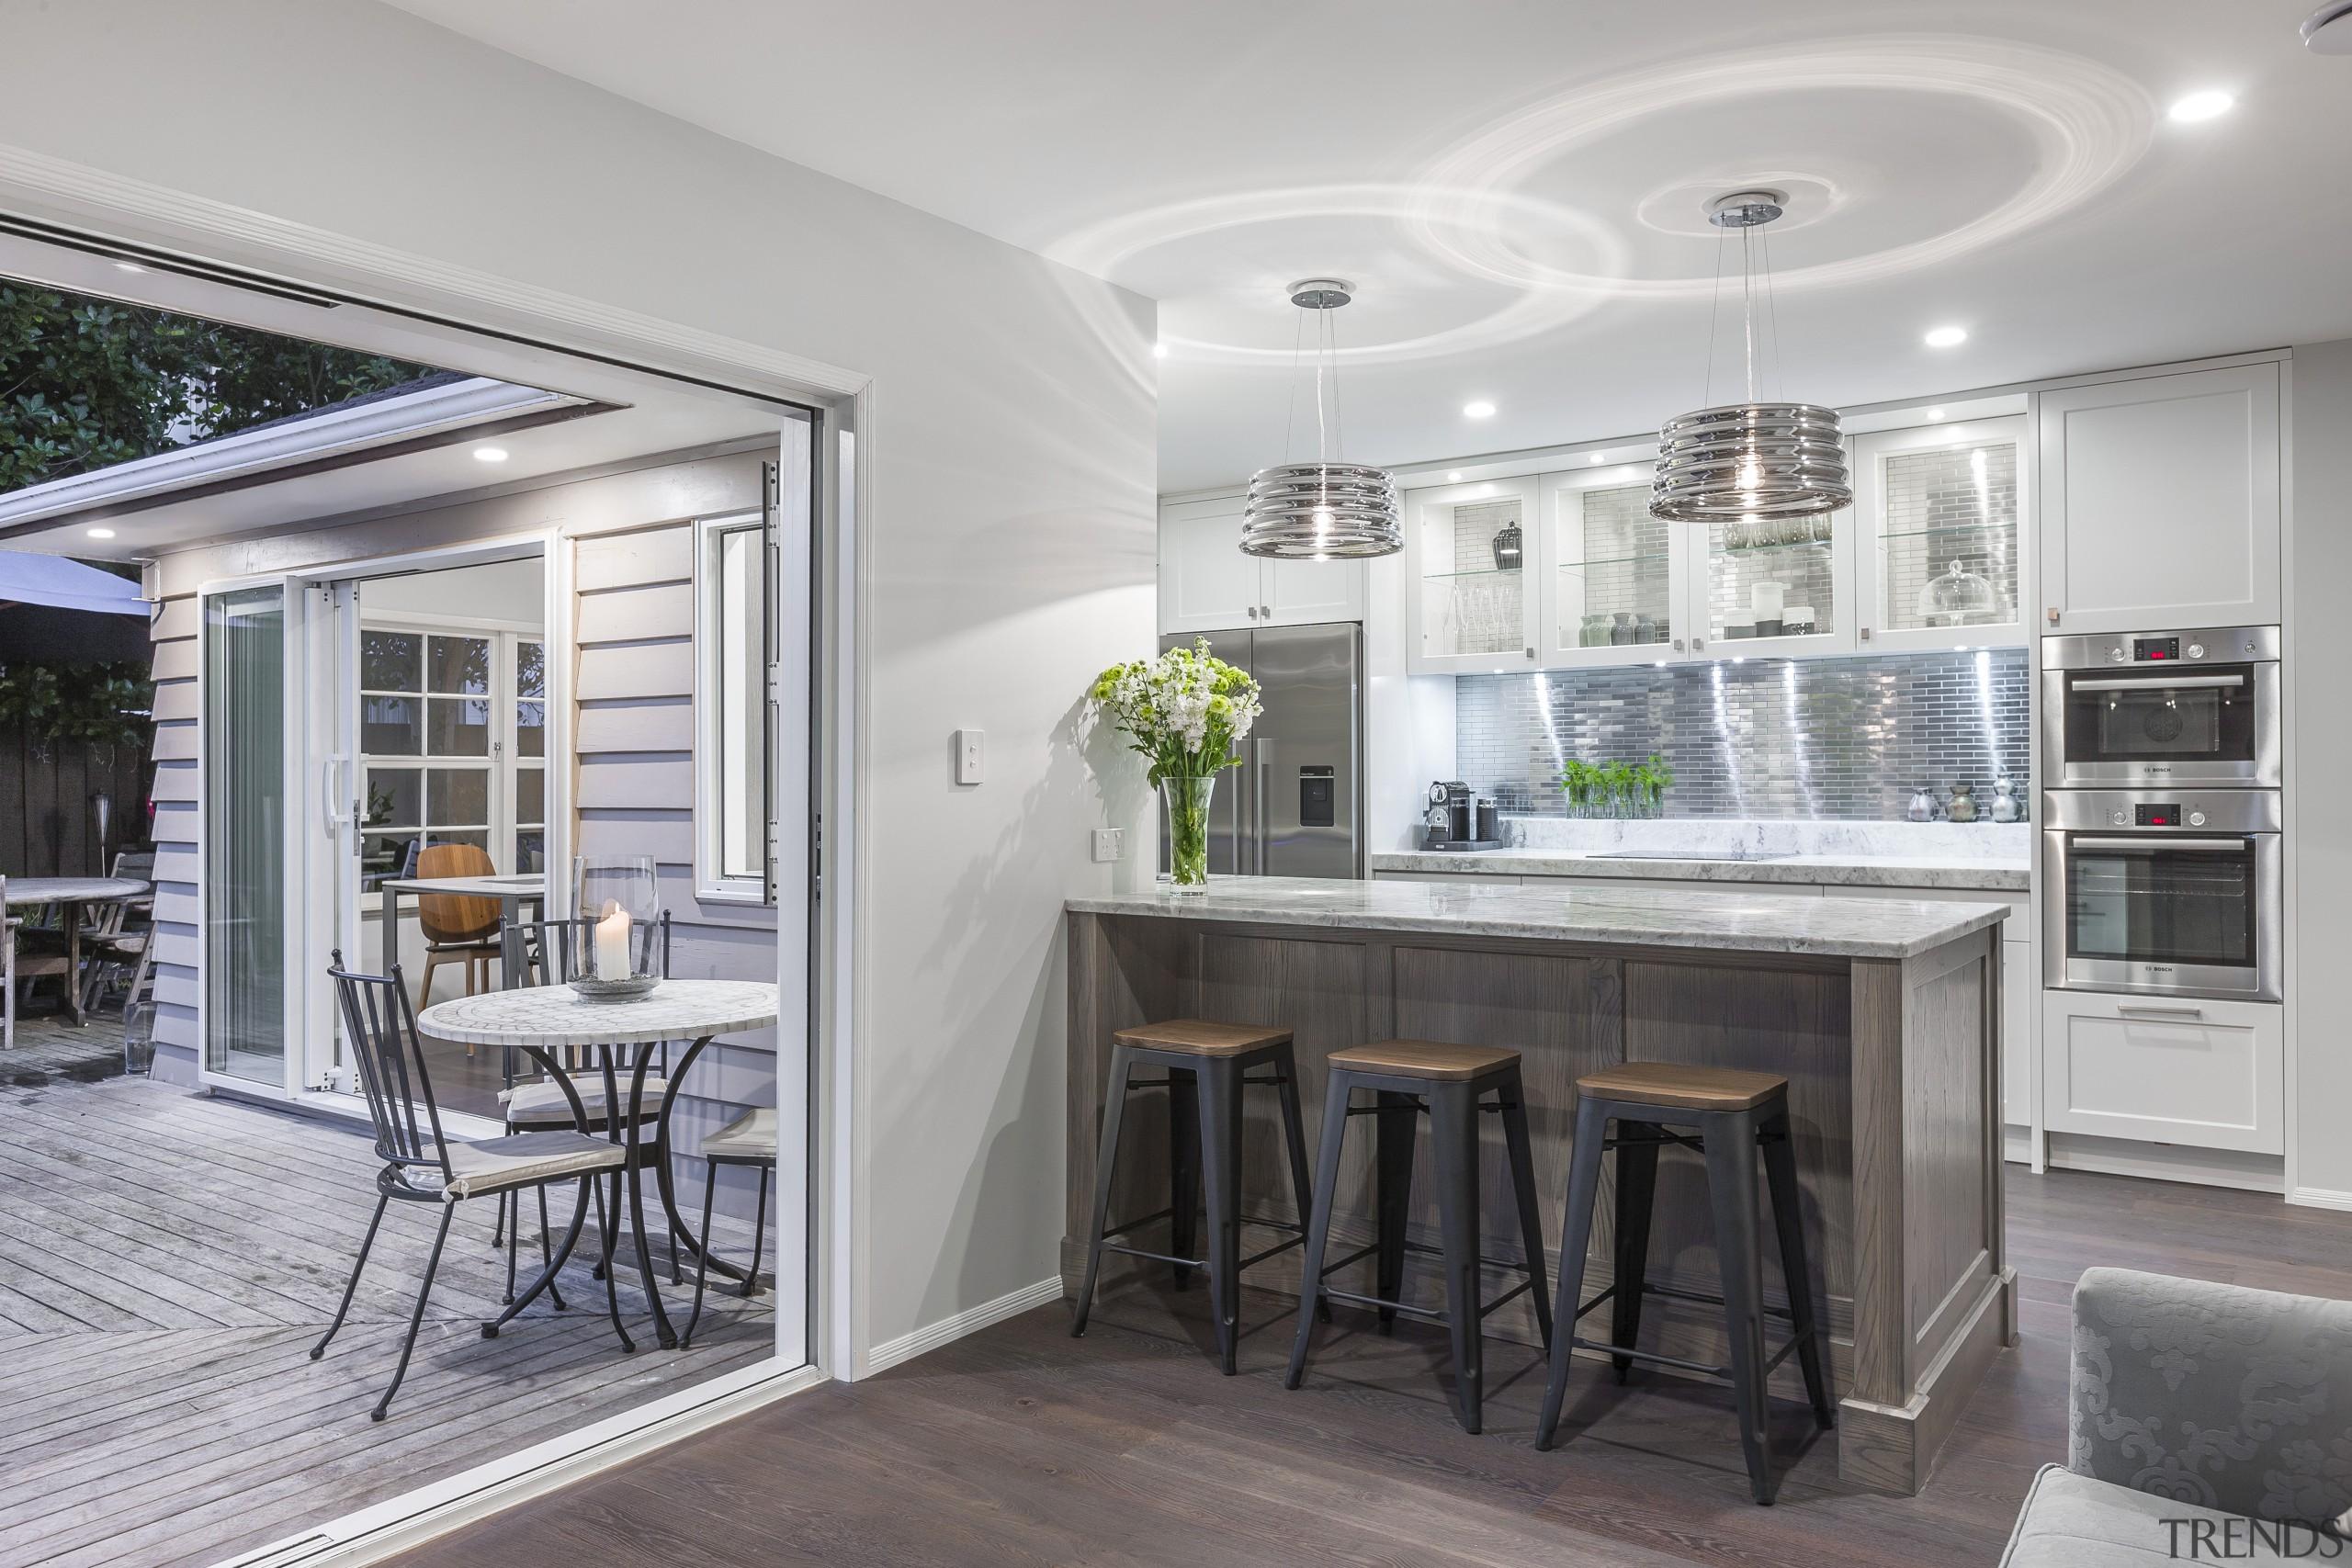 Sunnyhills II - interior design | kitchen | interior design, kitchen, real estate, gray